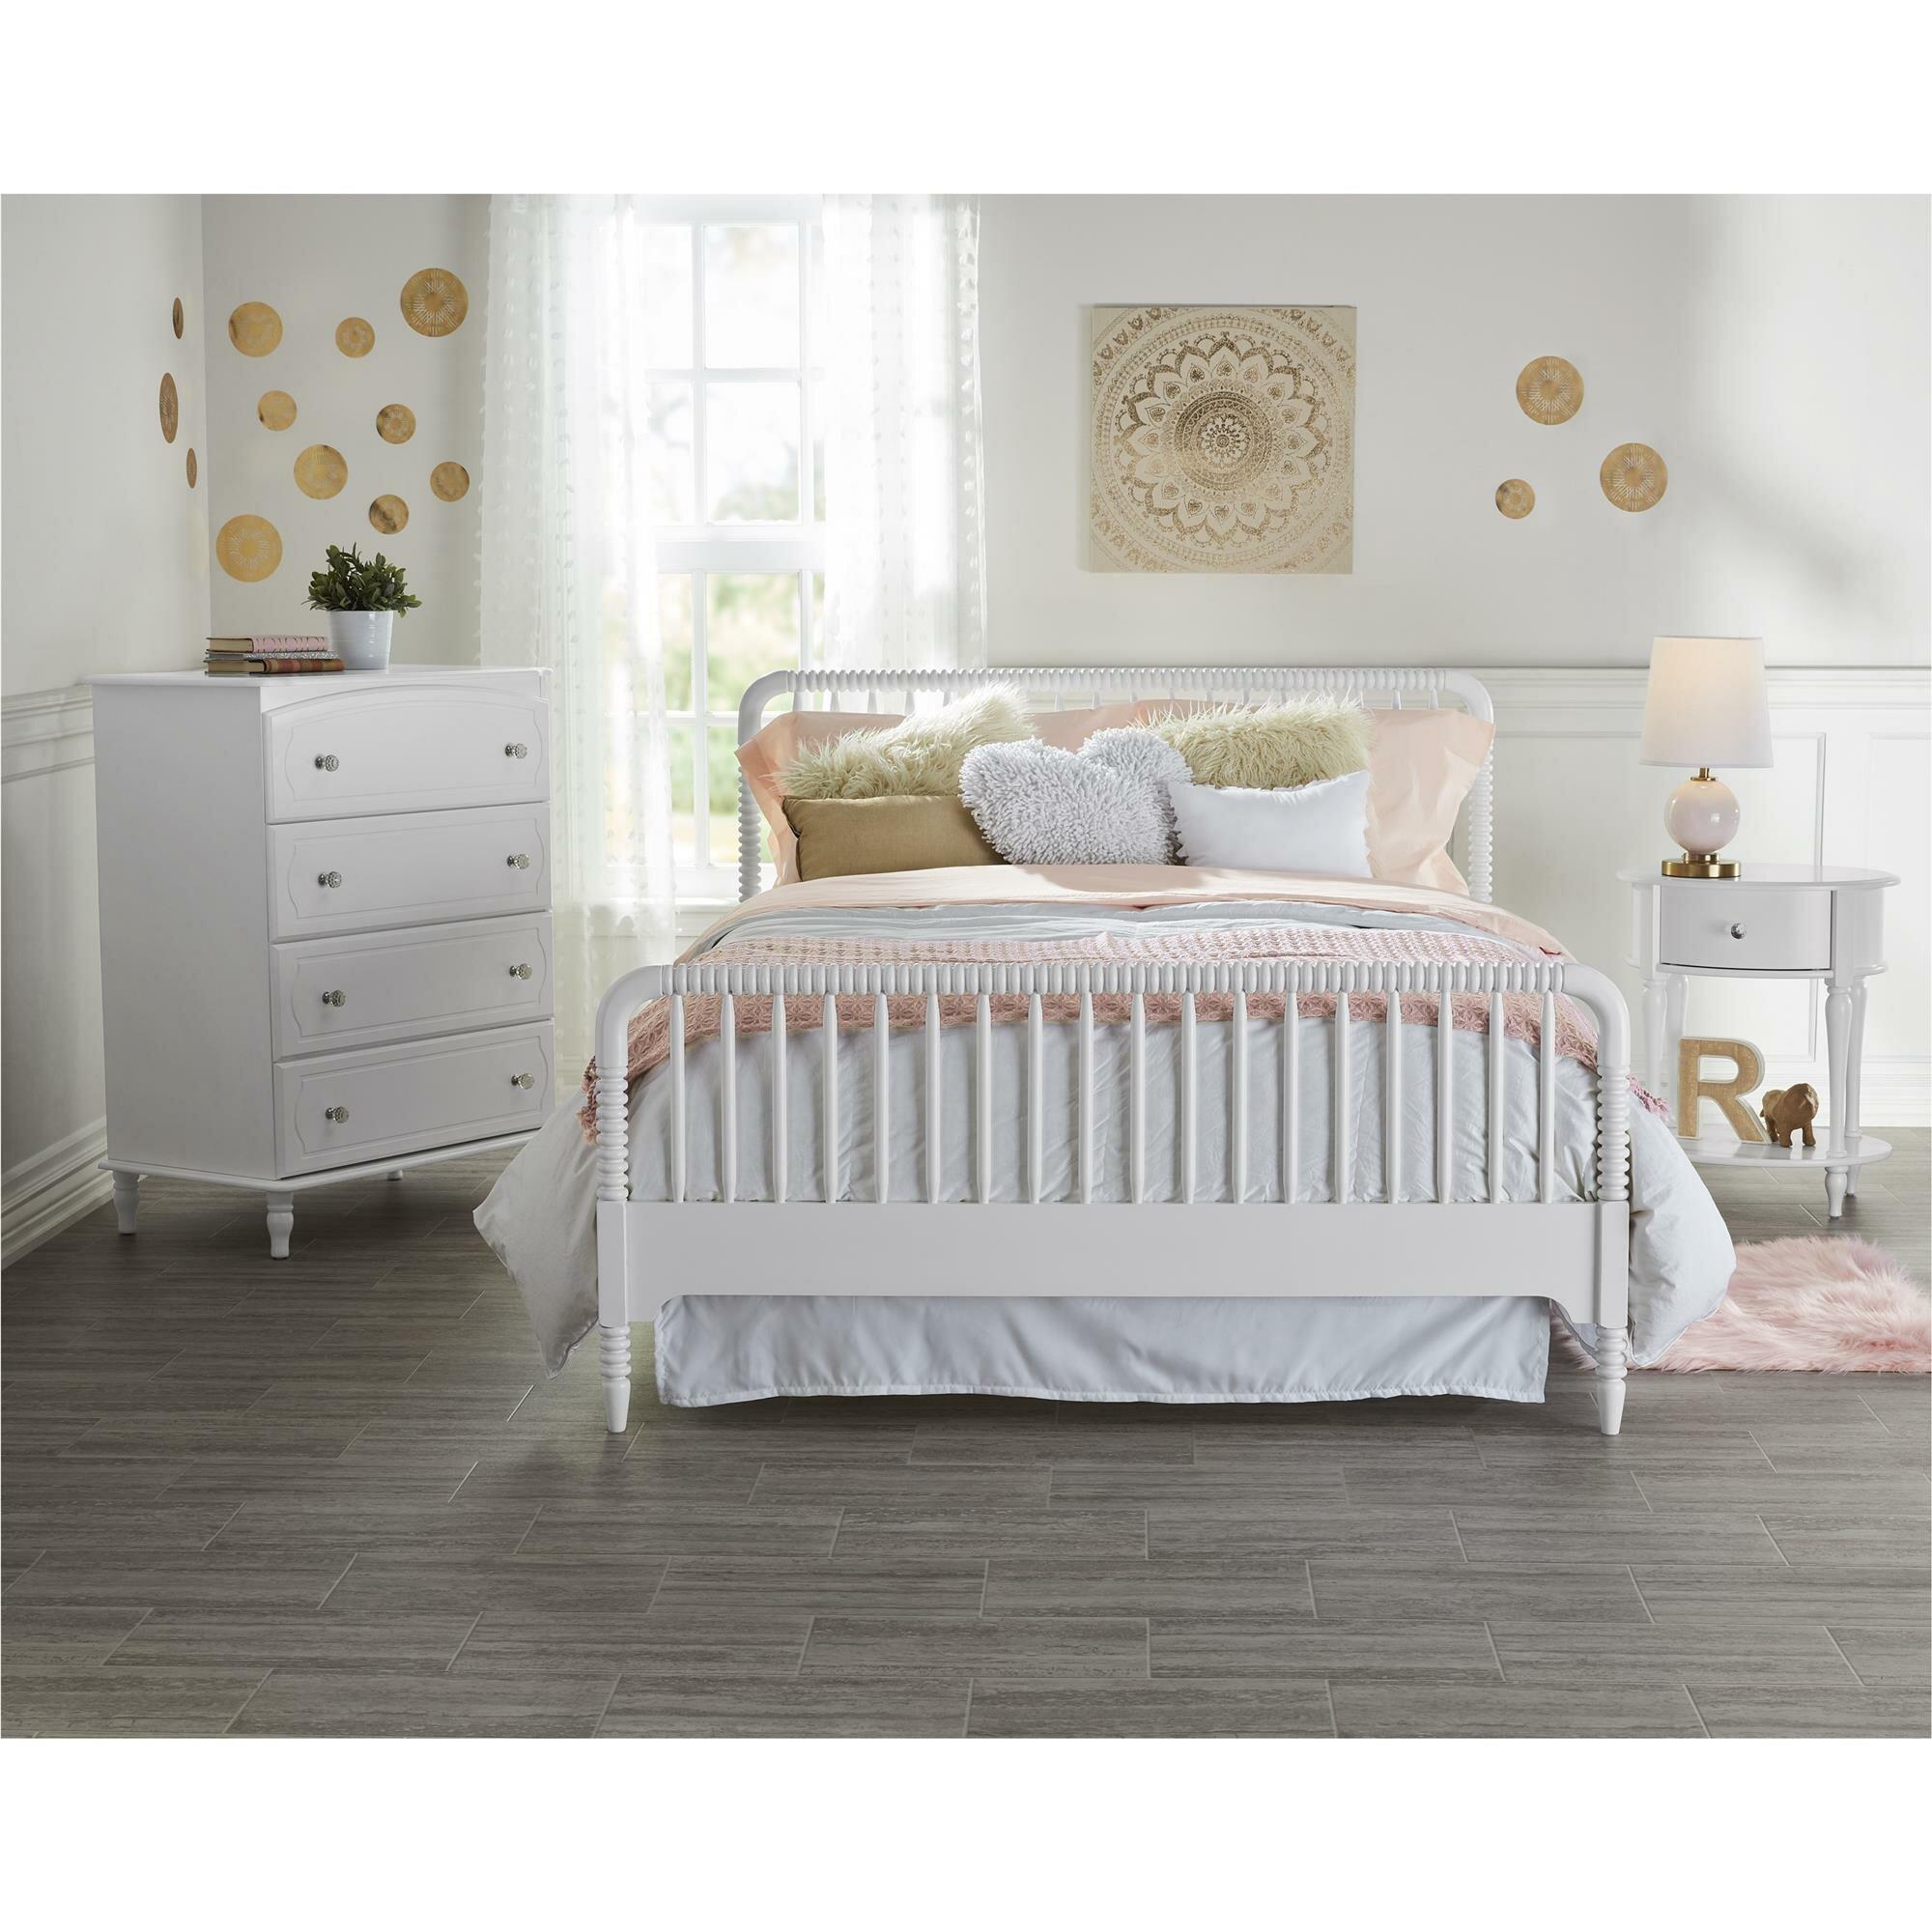 Little Seeds Rowan Valley Linden Slat Bed Amp Reviews